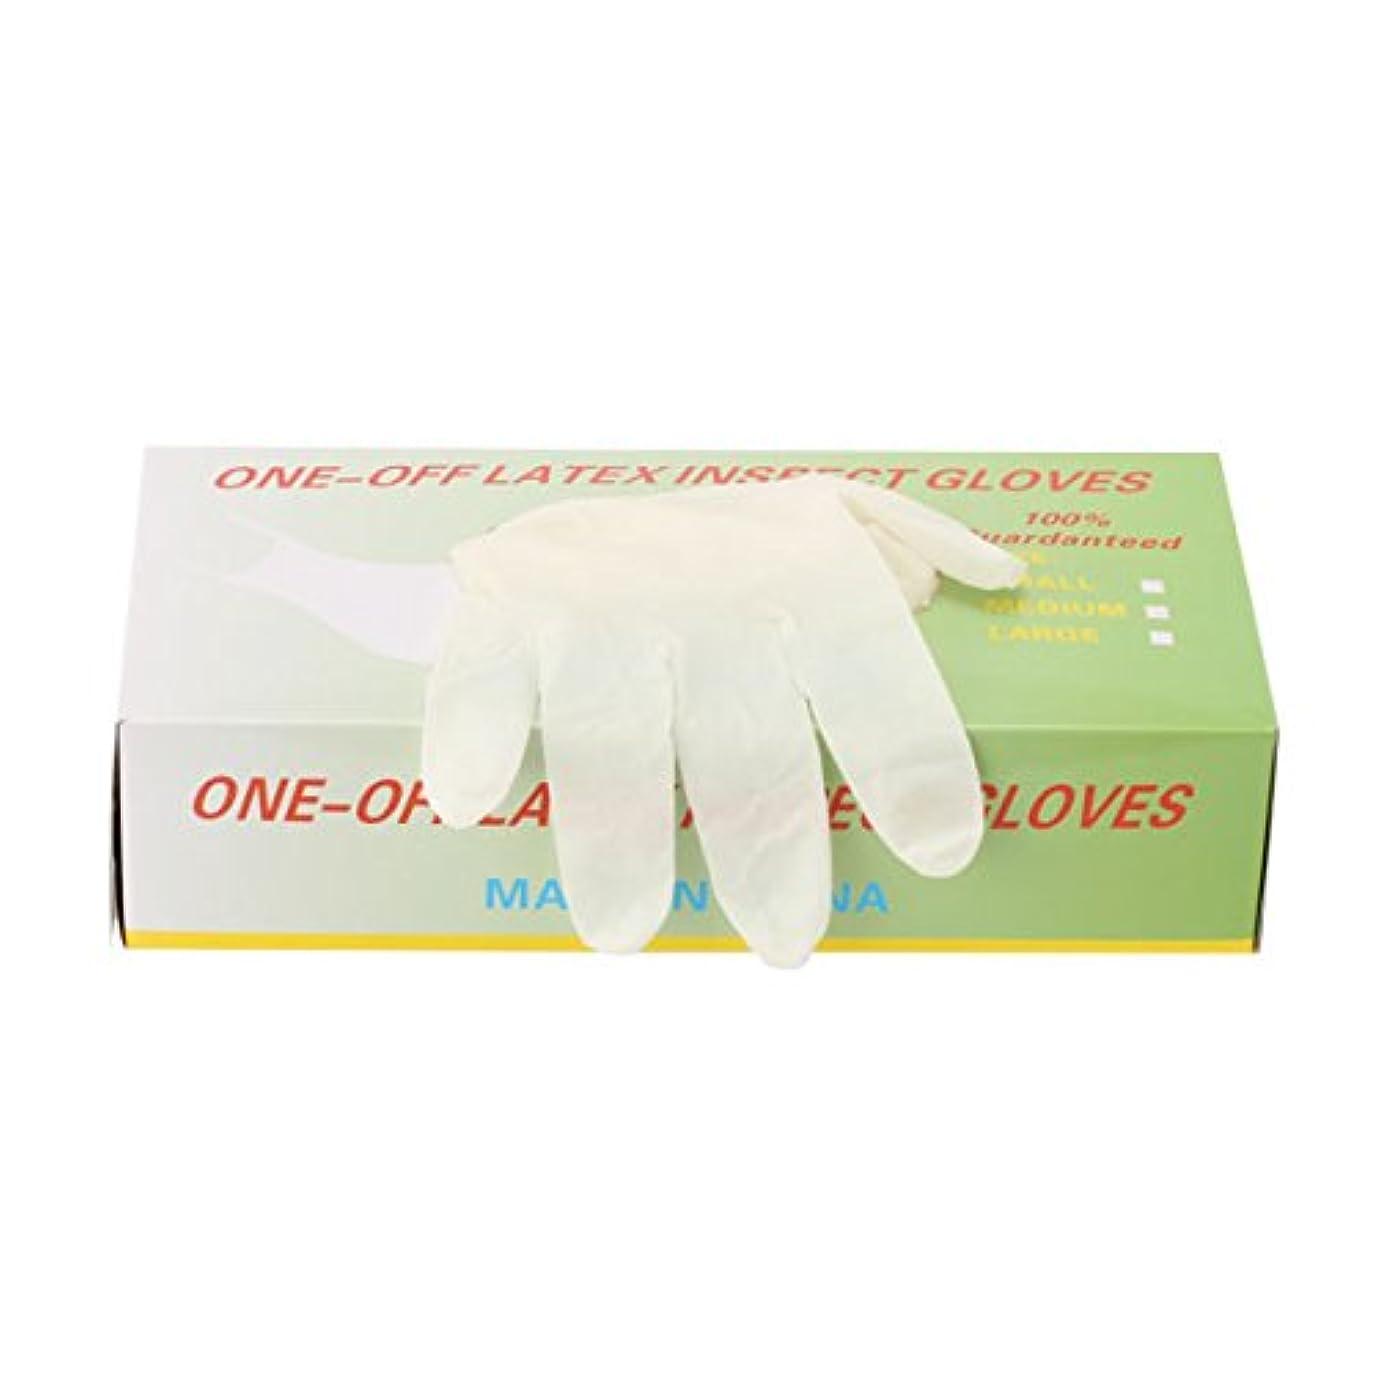 つぶやき委託評価可能パウダーフリー使い捨てゴム手袋 100枚入 全3種 Lサイズ [ 手袋 グローブ ゴム手袋 使い捨て手袋 使い捨てグローブ ]